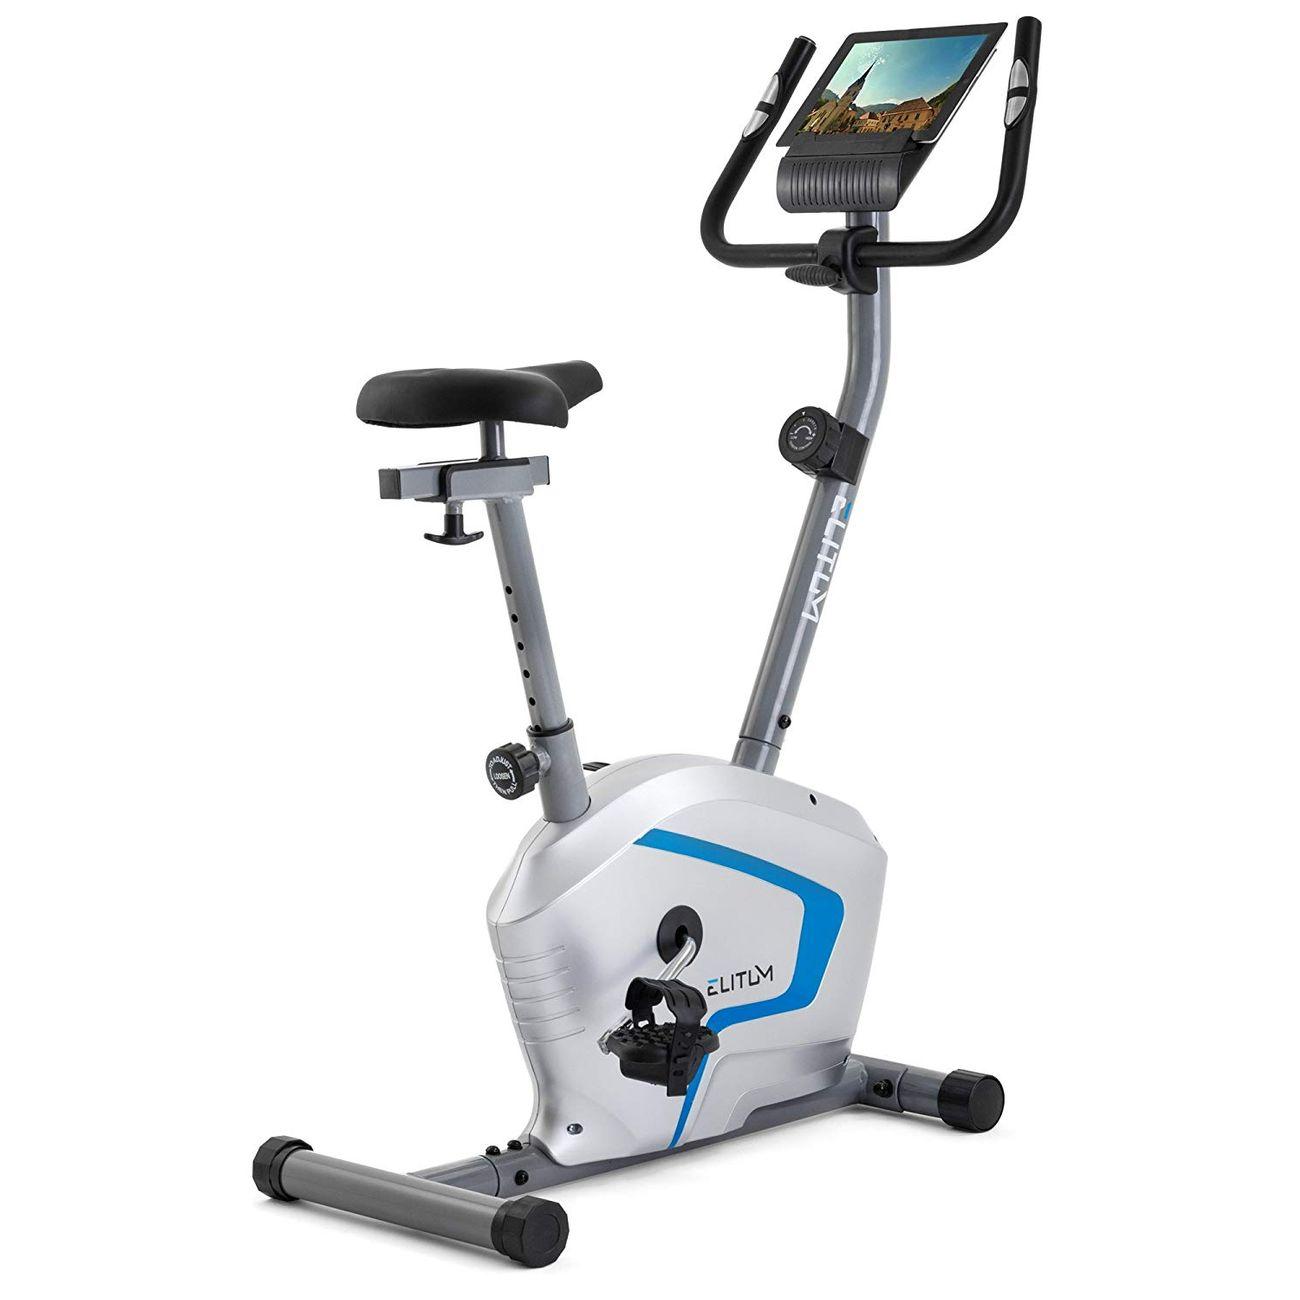 ELITUM Vélo d'appartement RX300 Vélo fitness; Ergomètre; Ordinateur; Capteurs de fréquence cardiaque; Argenté